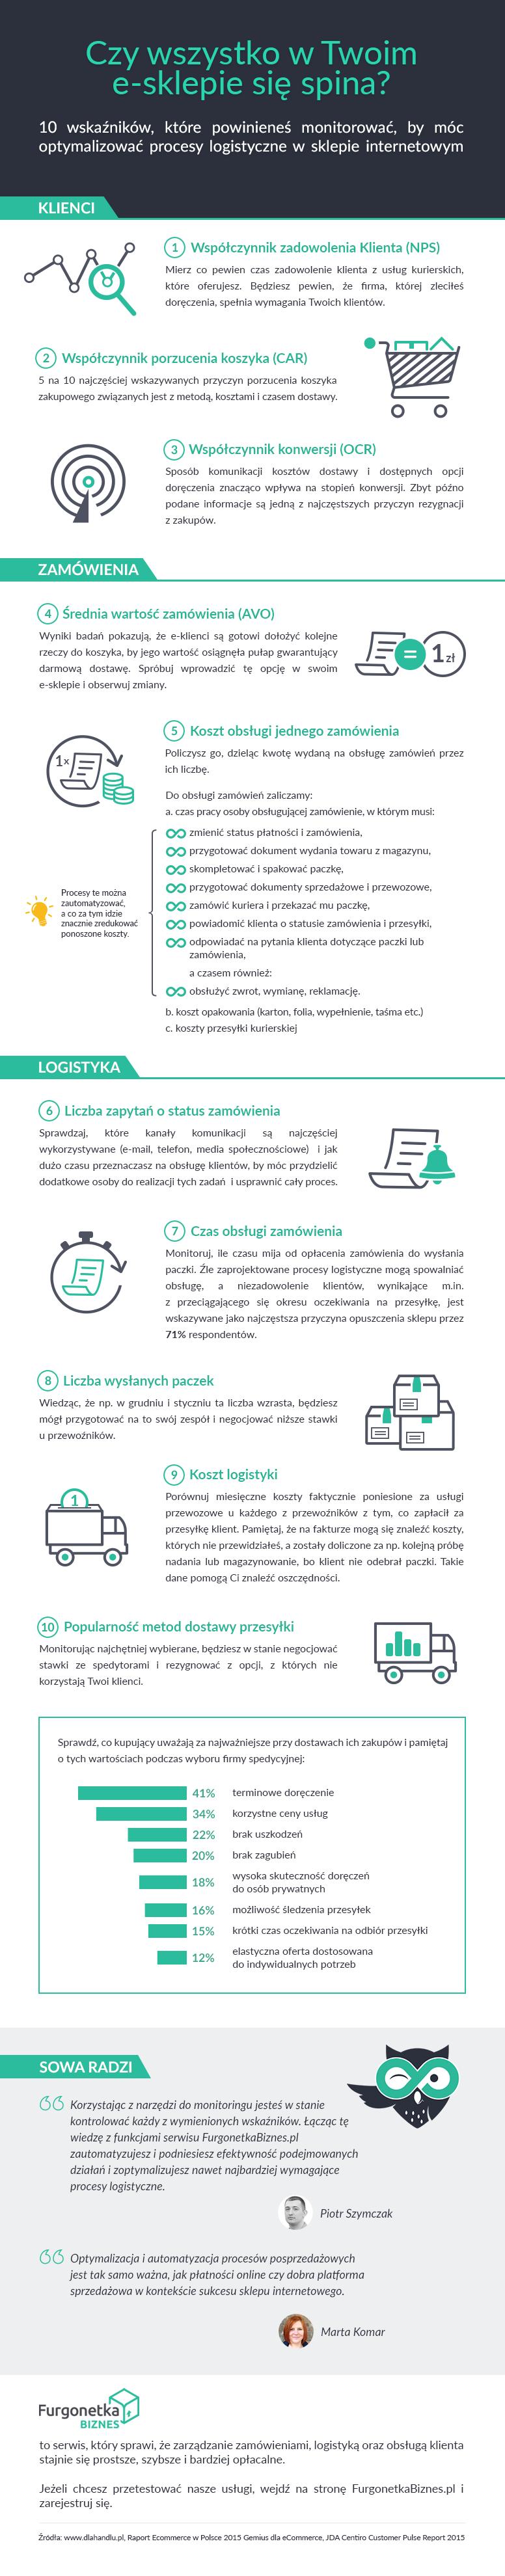 10 wskaźników pomocnych w optymalizacji logistyki w e-sklepie